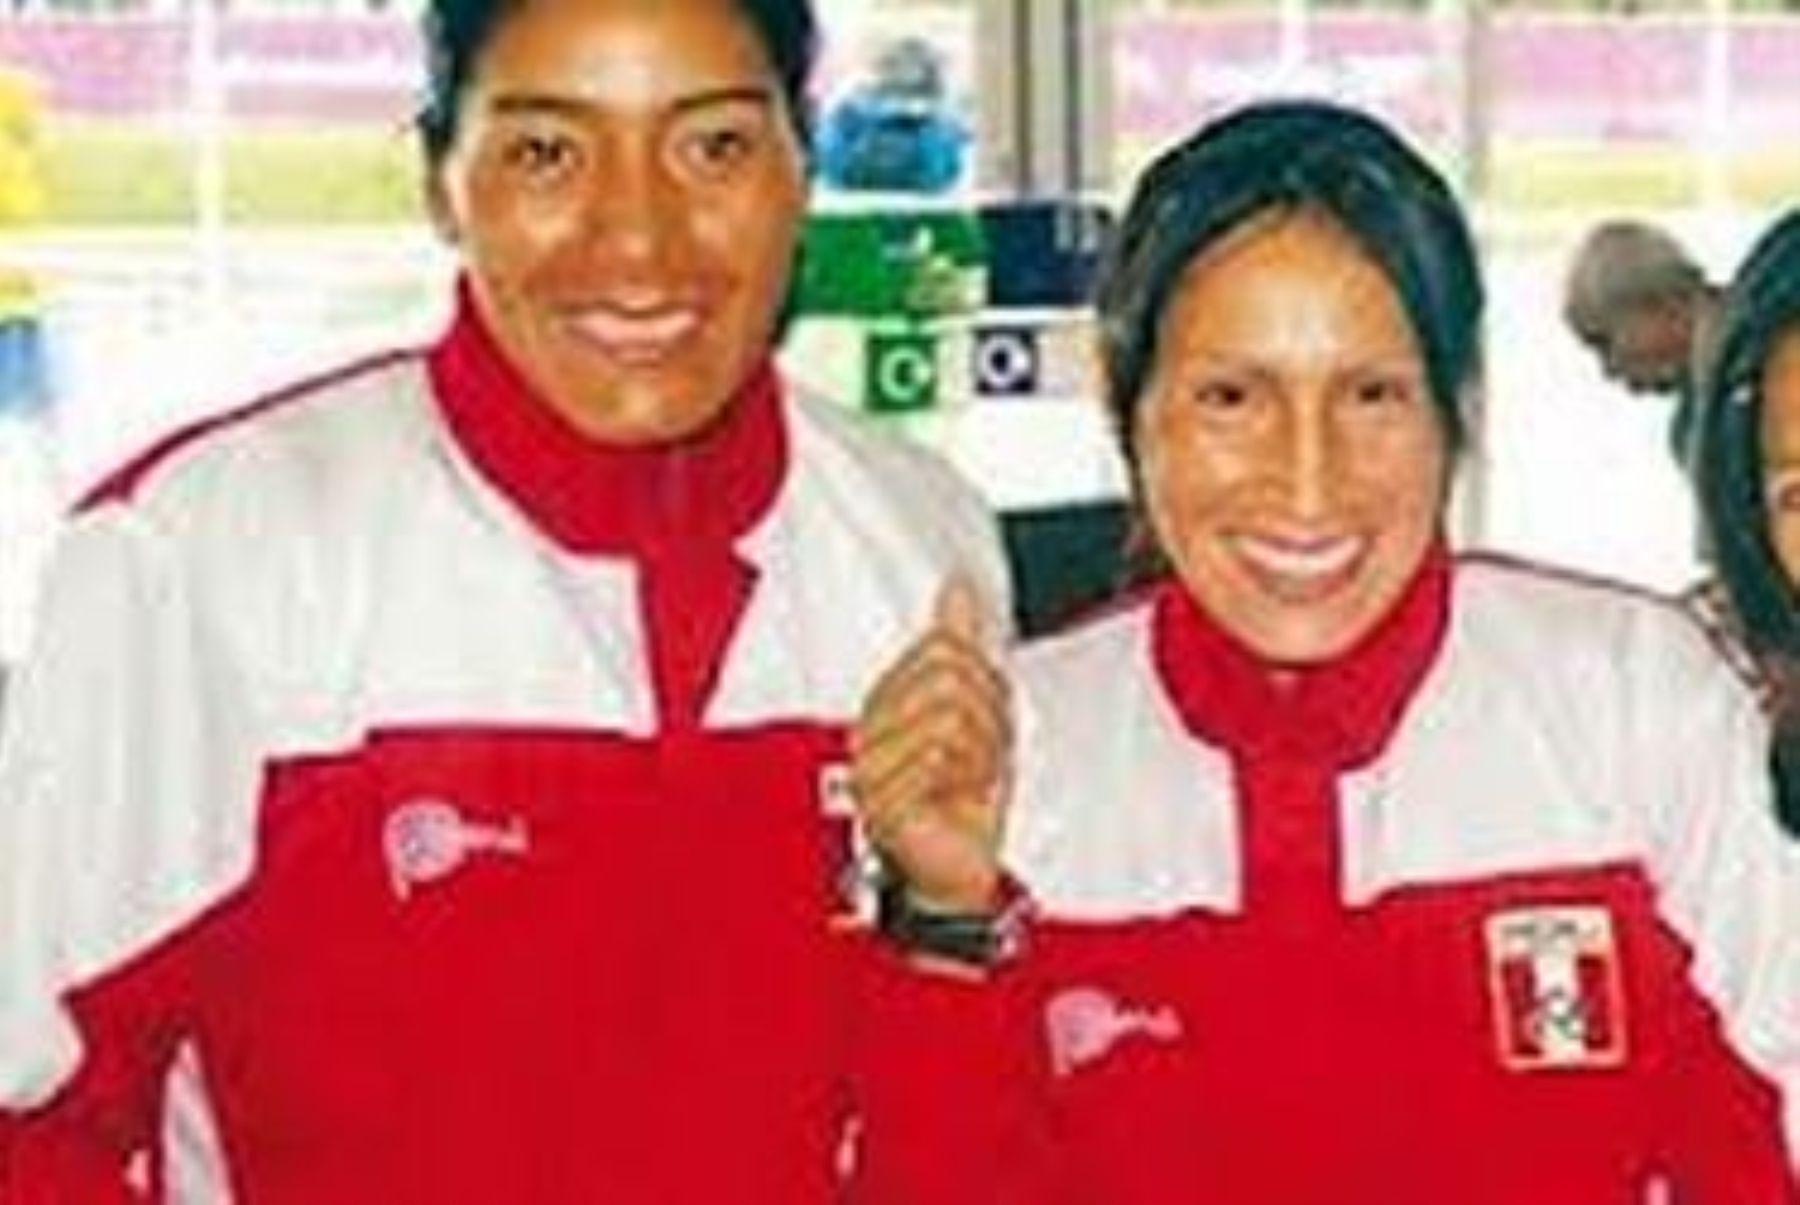 Arizapana y Tejeda representaron a Perú en Juegos Olímpicos Londres 2012. INTERNET/Medios